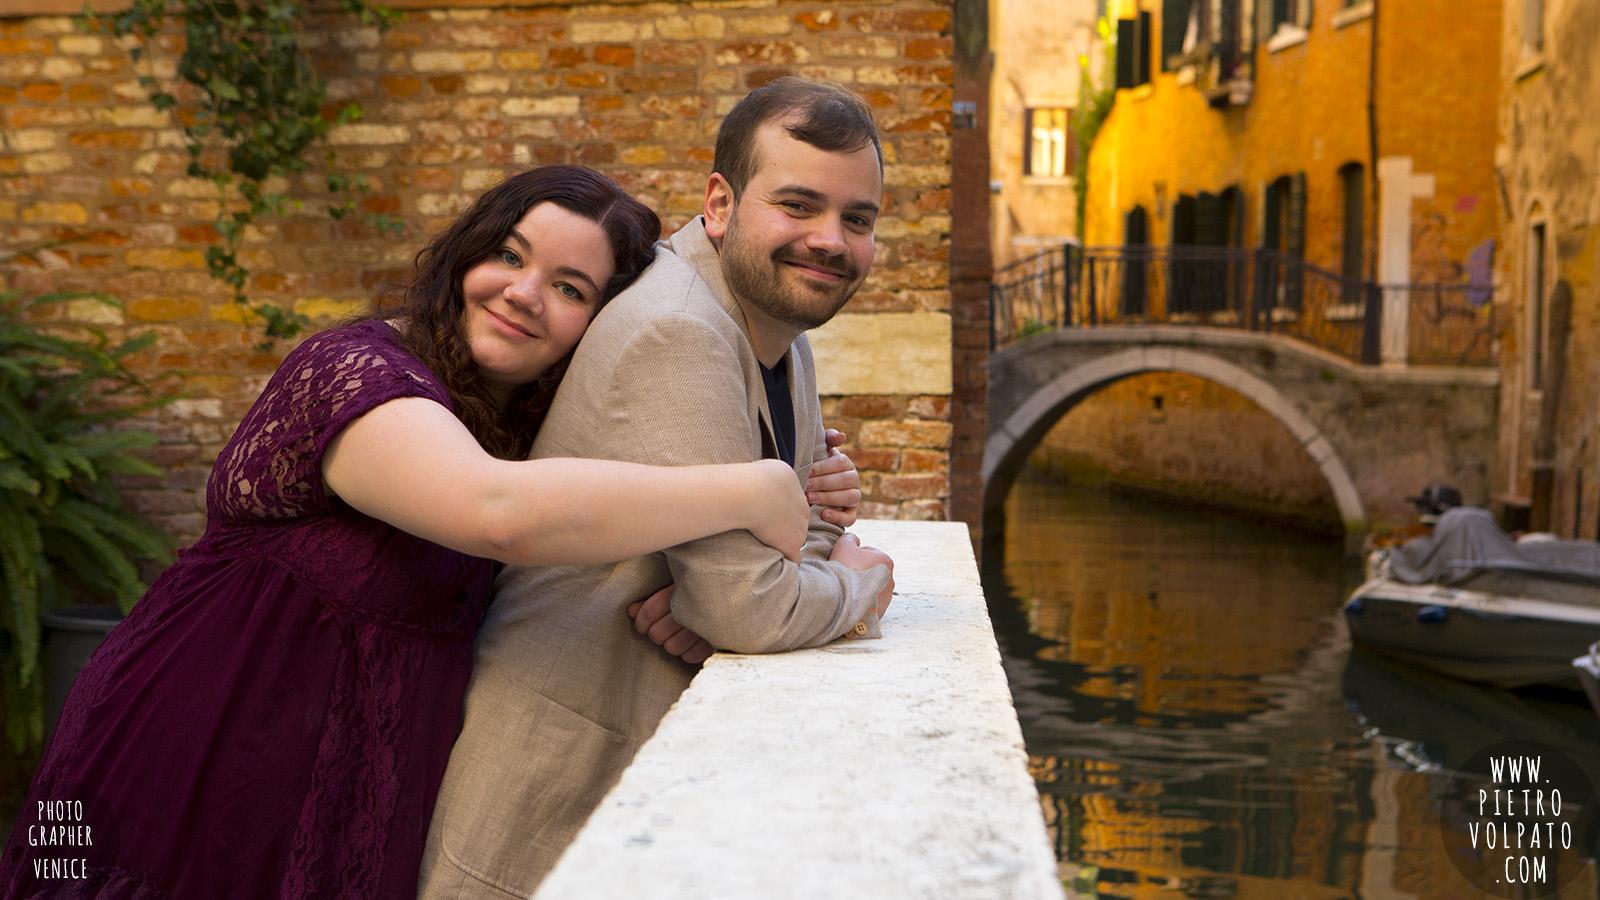 photographer venice photo shoot love story couple vacation